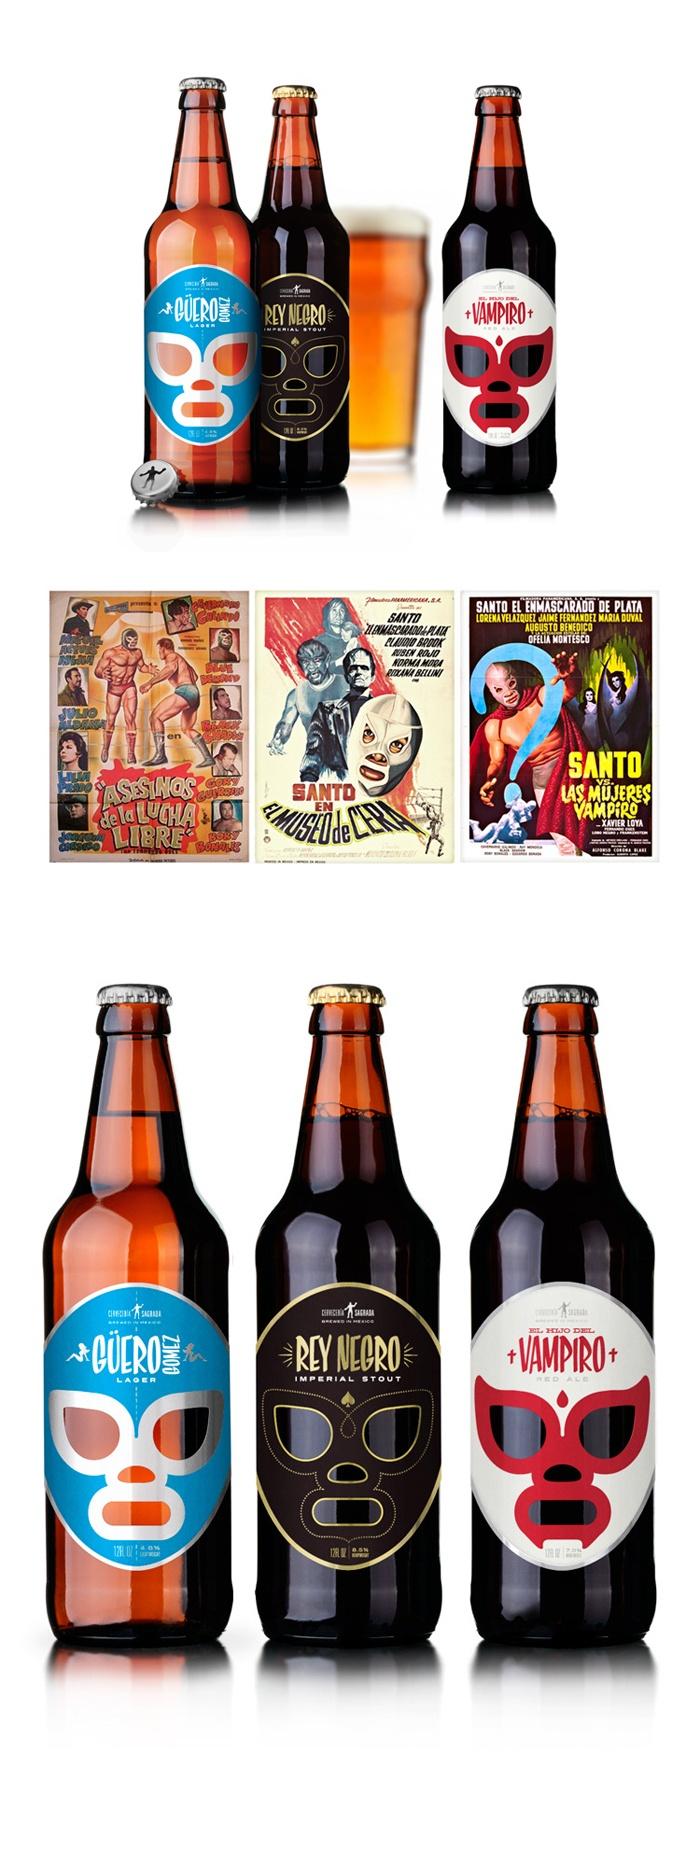 A mi colección le falta las botellas de la Cervecería Sagrada